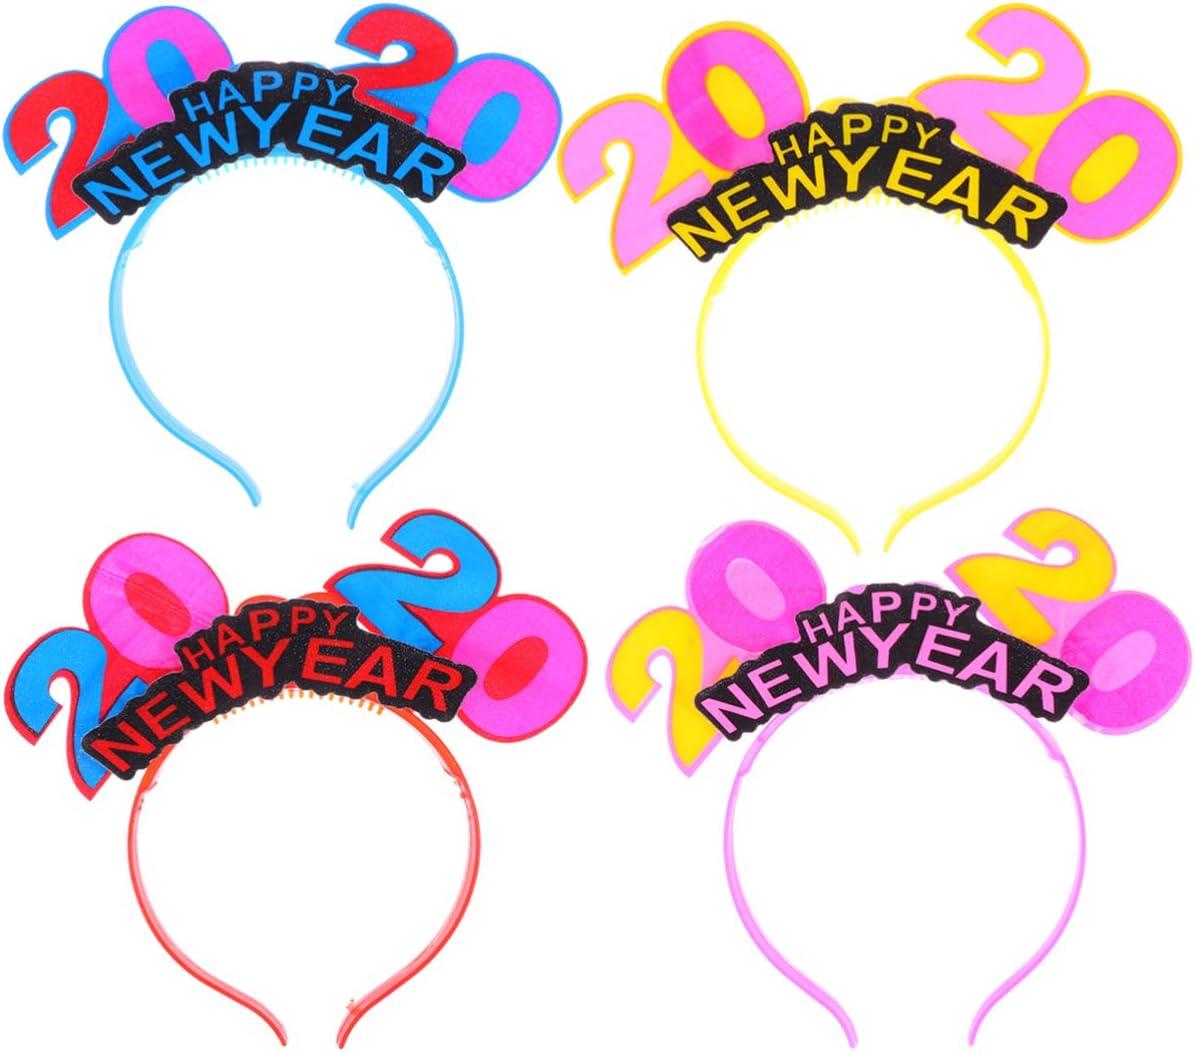 Amosfun 4 piezas 2020 año nuevo led diademas iluminadas sombreros 2020 fiesta de fin de año favorece regalos color aleatorio (color aleatorio)